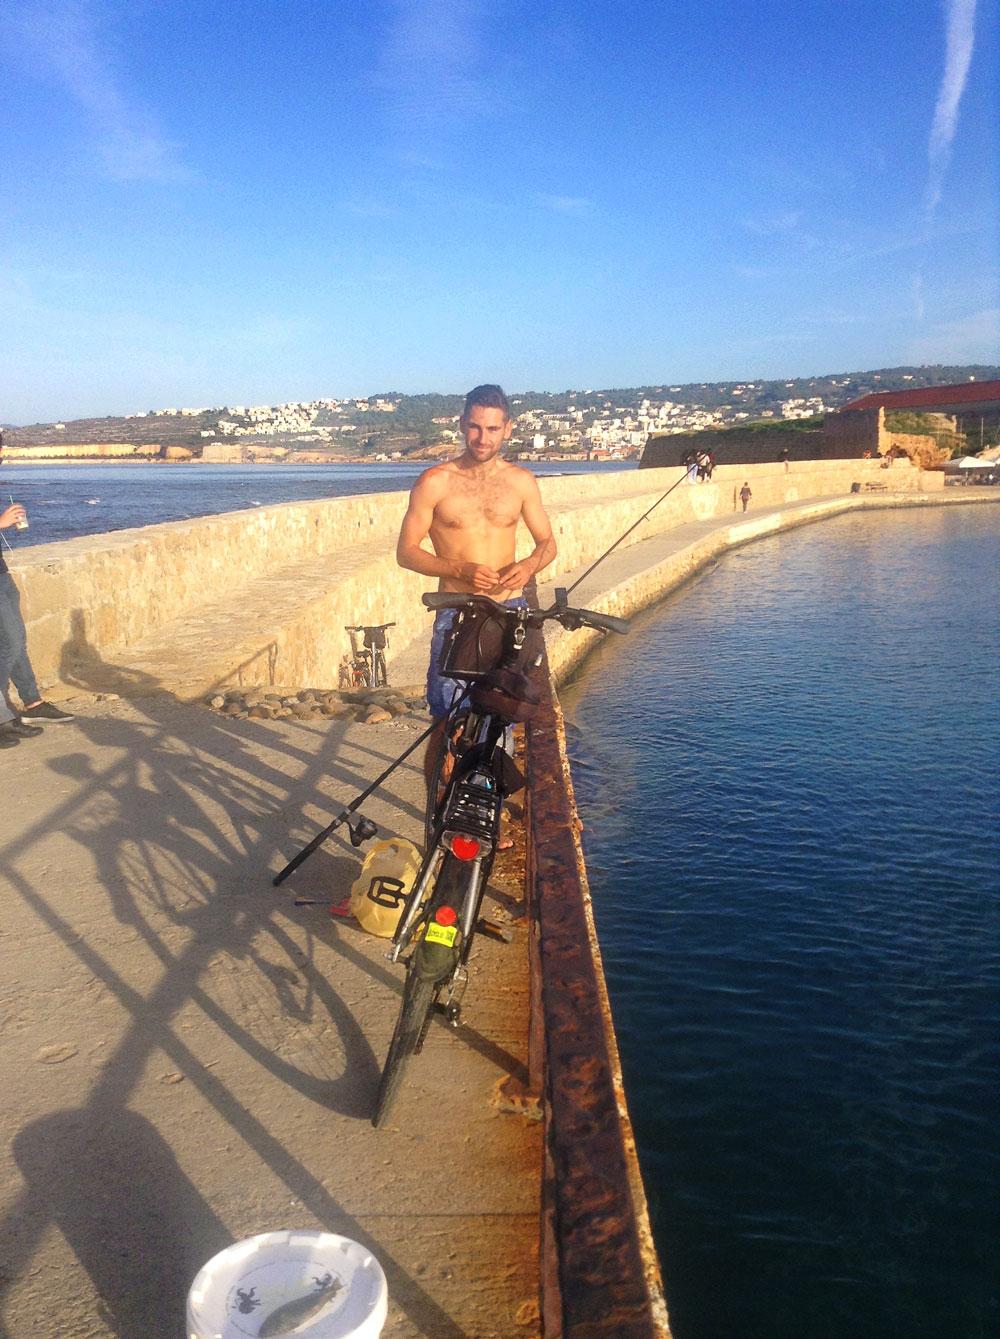 Arthur qui pêche sur le port de Chania (La Canée), Crète